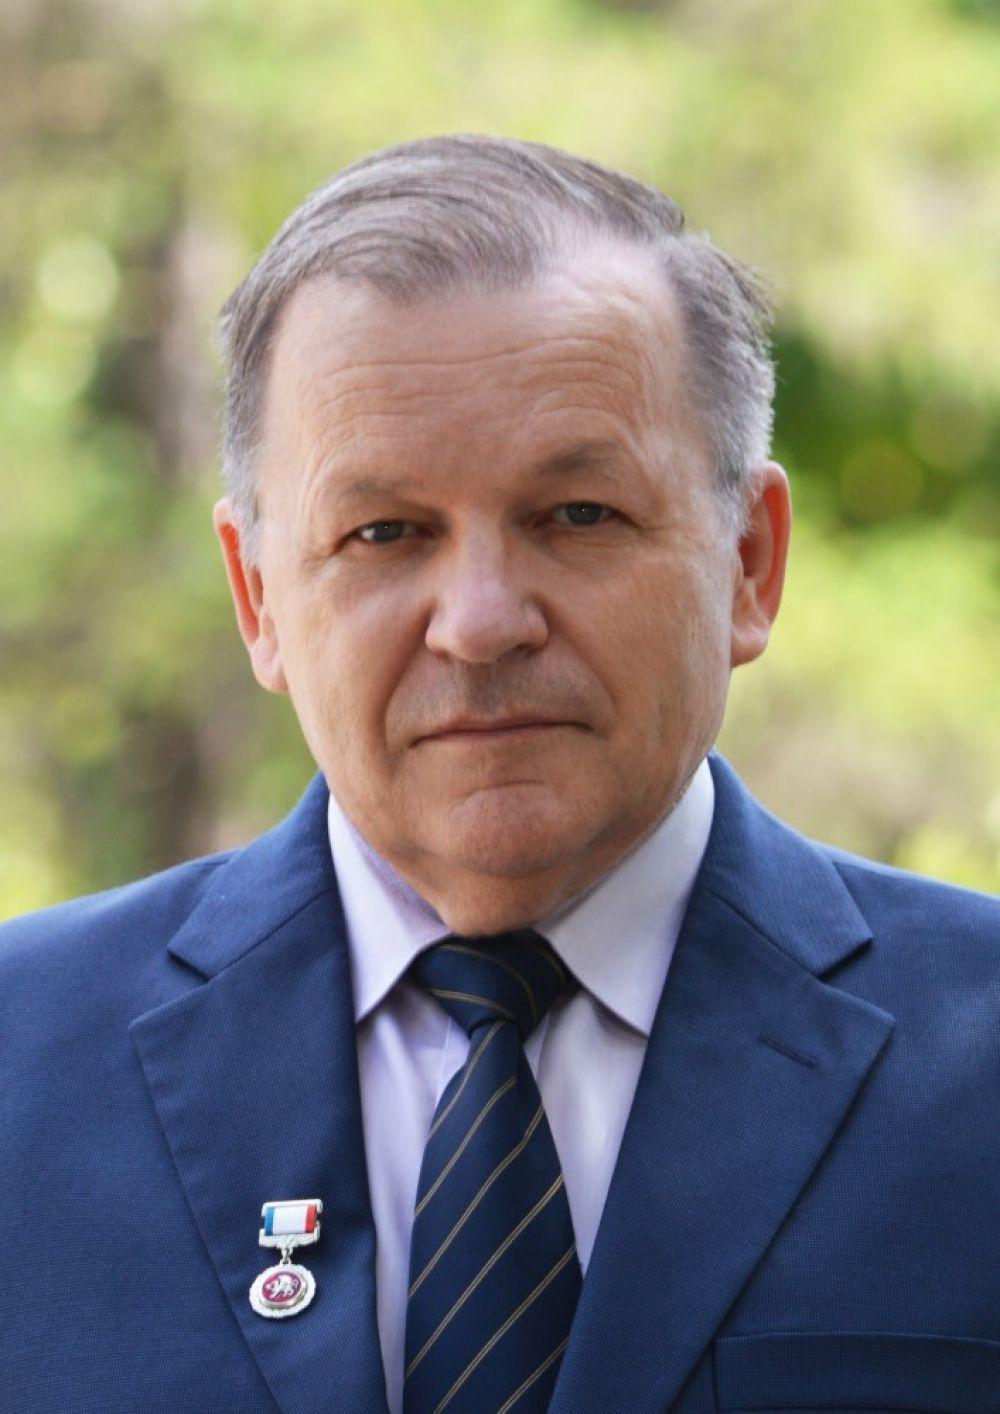 Анатолий Деркач: «Меня называют стресс-менеджером»